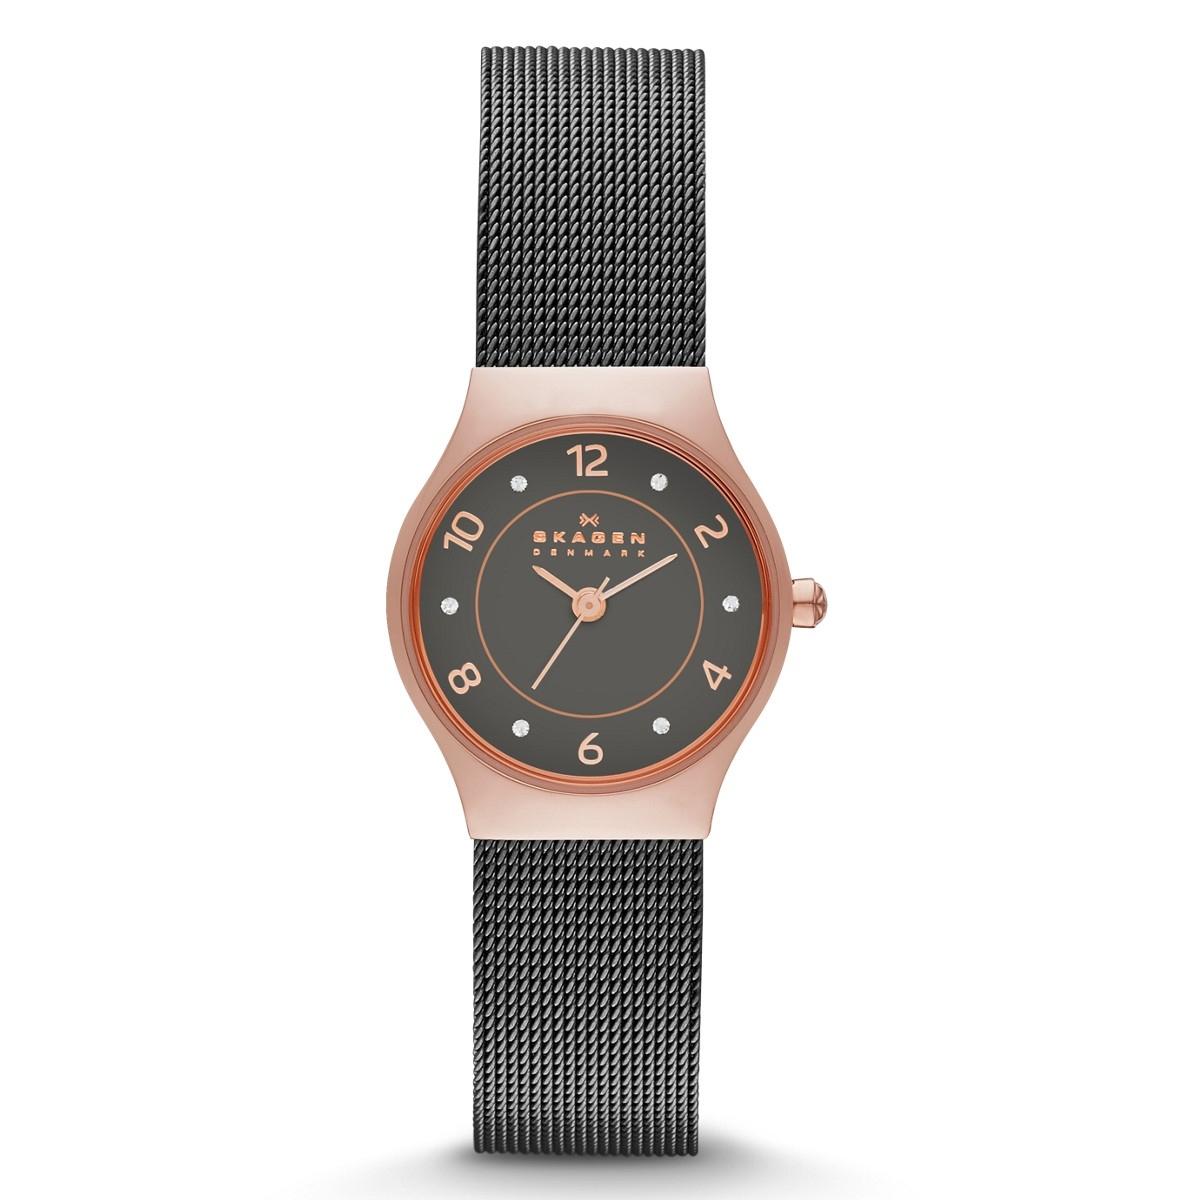 Skagen SKW2270 - женские наручные часы из коллекции MeshSkagen<br><br><br>Бренд: Skagen<br>Модель: Skagen SKW2270<br>Артикул: SKW2270<br>Вариант артикула: None<br>Коллекция: Mesh<br>Подколлекция: None<br>Страна: Дания<br>Пол: женские<br>Тип механизма: кварцевые<br>Механизм: None<br>Количество камней: None<br>Автоподзавод: None<br>Источник энергии: от батарейки<br>Срок службы элемента питания: None<br>Дисплей: стрелки<br>Цифры: арабские<br>Водозащита: WR 30<br>Противоударные: None<br>Материал корпуса: нерж. сталь, IP покрытие (полное)<br>Материал браслета: нерж. сталь<br>Материал безеля: None<br>Стекло: минеральное<br>Антибликовое покрытие: None<br>Цвет корпуса: None<br>Цвет браслета: None<br>Цвет циферблата: None<br>Цвет безеля: None<br>Размеры: 24 мм<br>Диаметр: None<br>Диаметр корпуса: None<br>Толщина: None<br>Ширина ремешка: None<br>Вес: None<br>Спорт-функции: None<br>Подсветка: None<br>Вставка: None<br>Отображение даты: None<br>Хронограф: None<br>Таймер: None<br>Термометр: None<br>Хронометр: None<br>GPS: None<br>Радиосинхронизация: None<br>Барометр: None<br>Скелетон: None<br>Дополнительная информация: None<br>Дополнительные функции: None